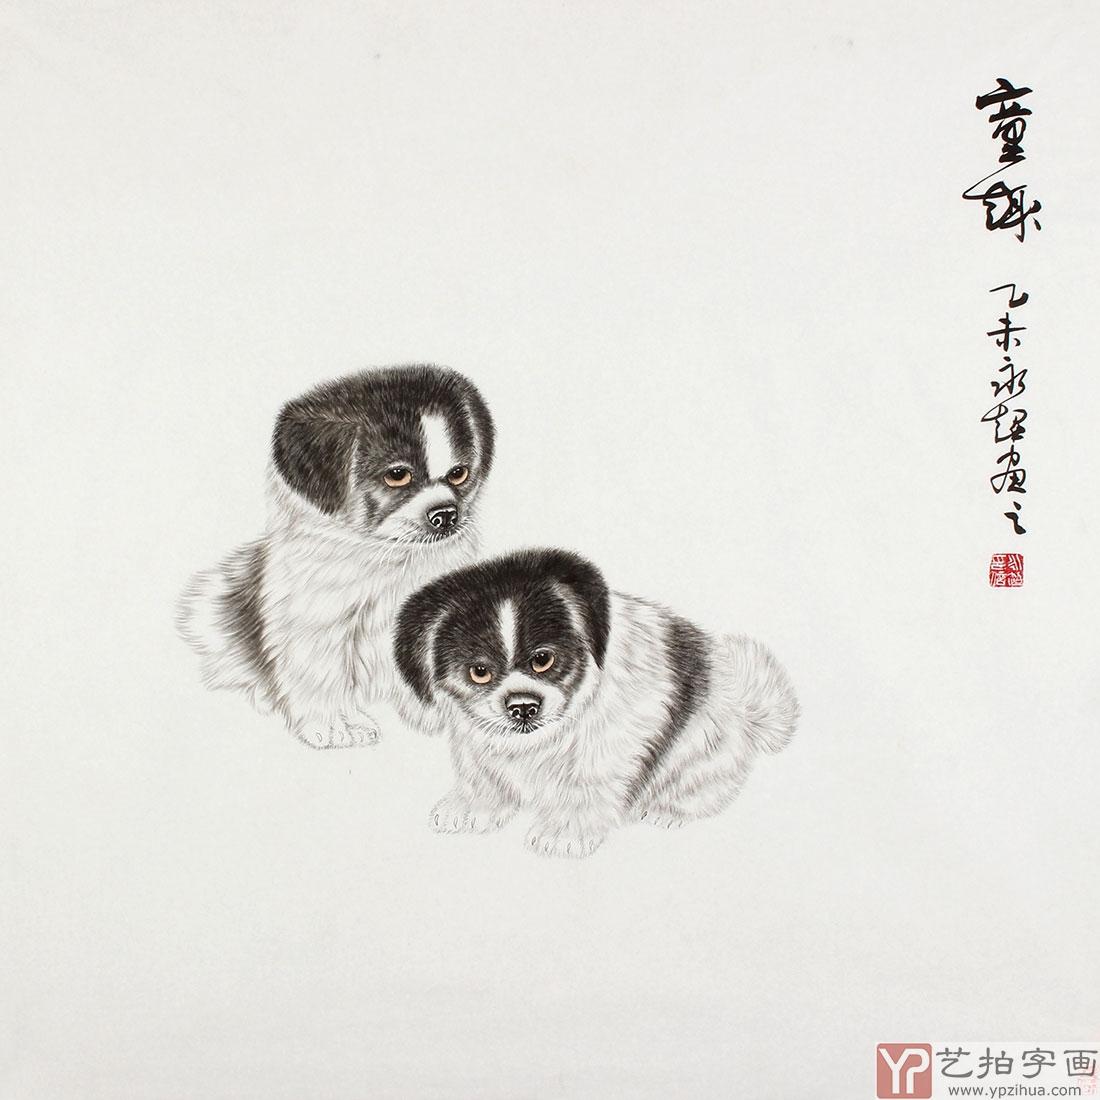 河南美协魏永超斗方工笔画《童趣》-动物画-艺拍字画